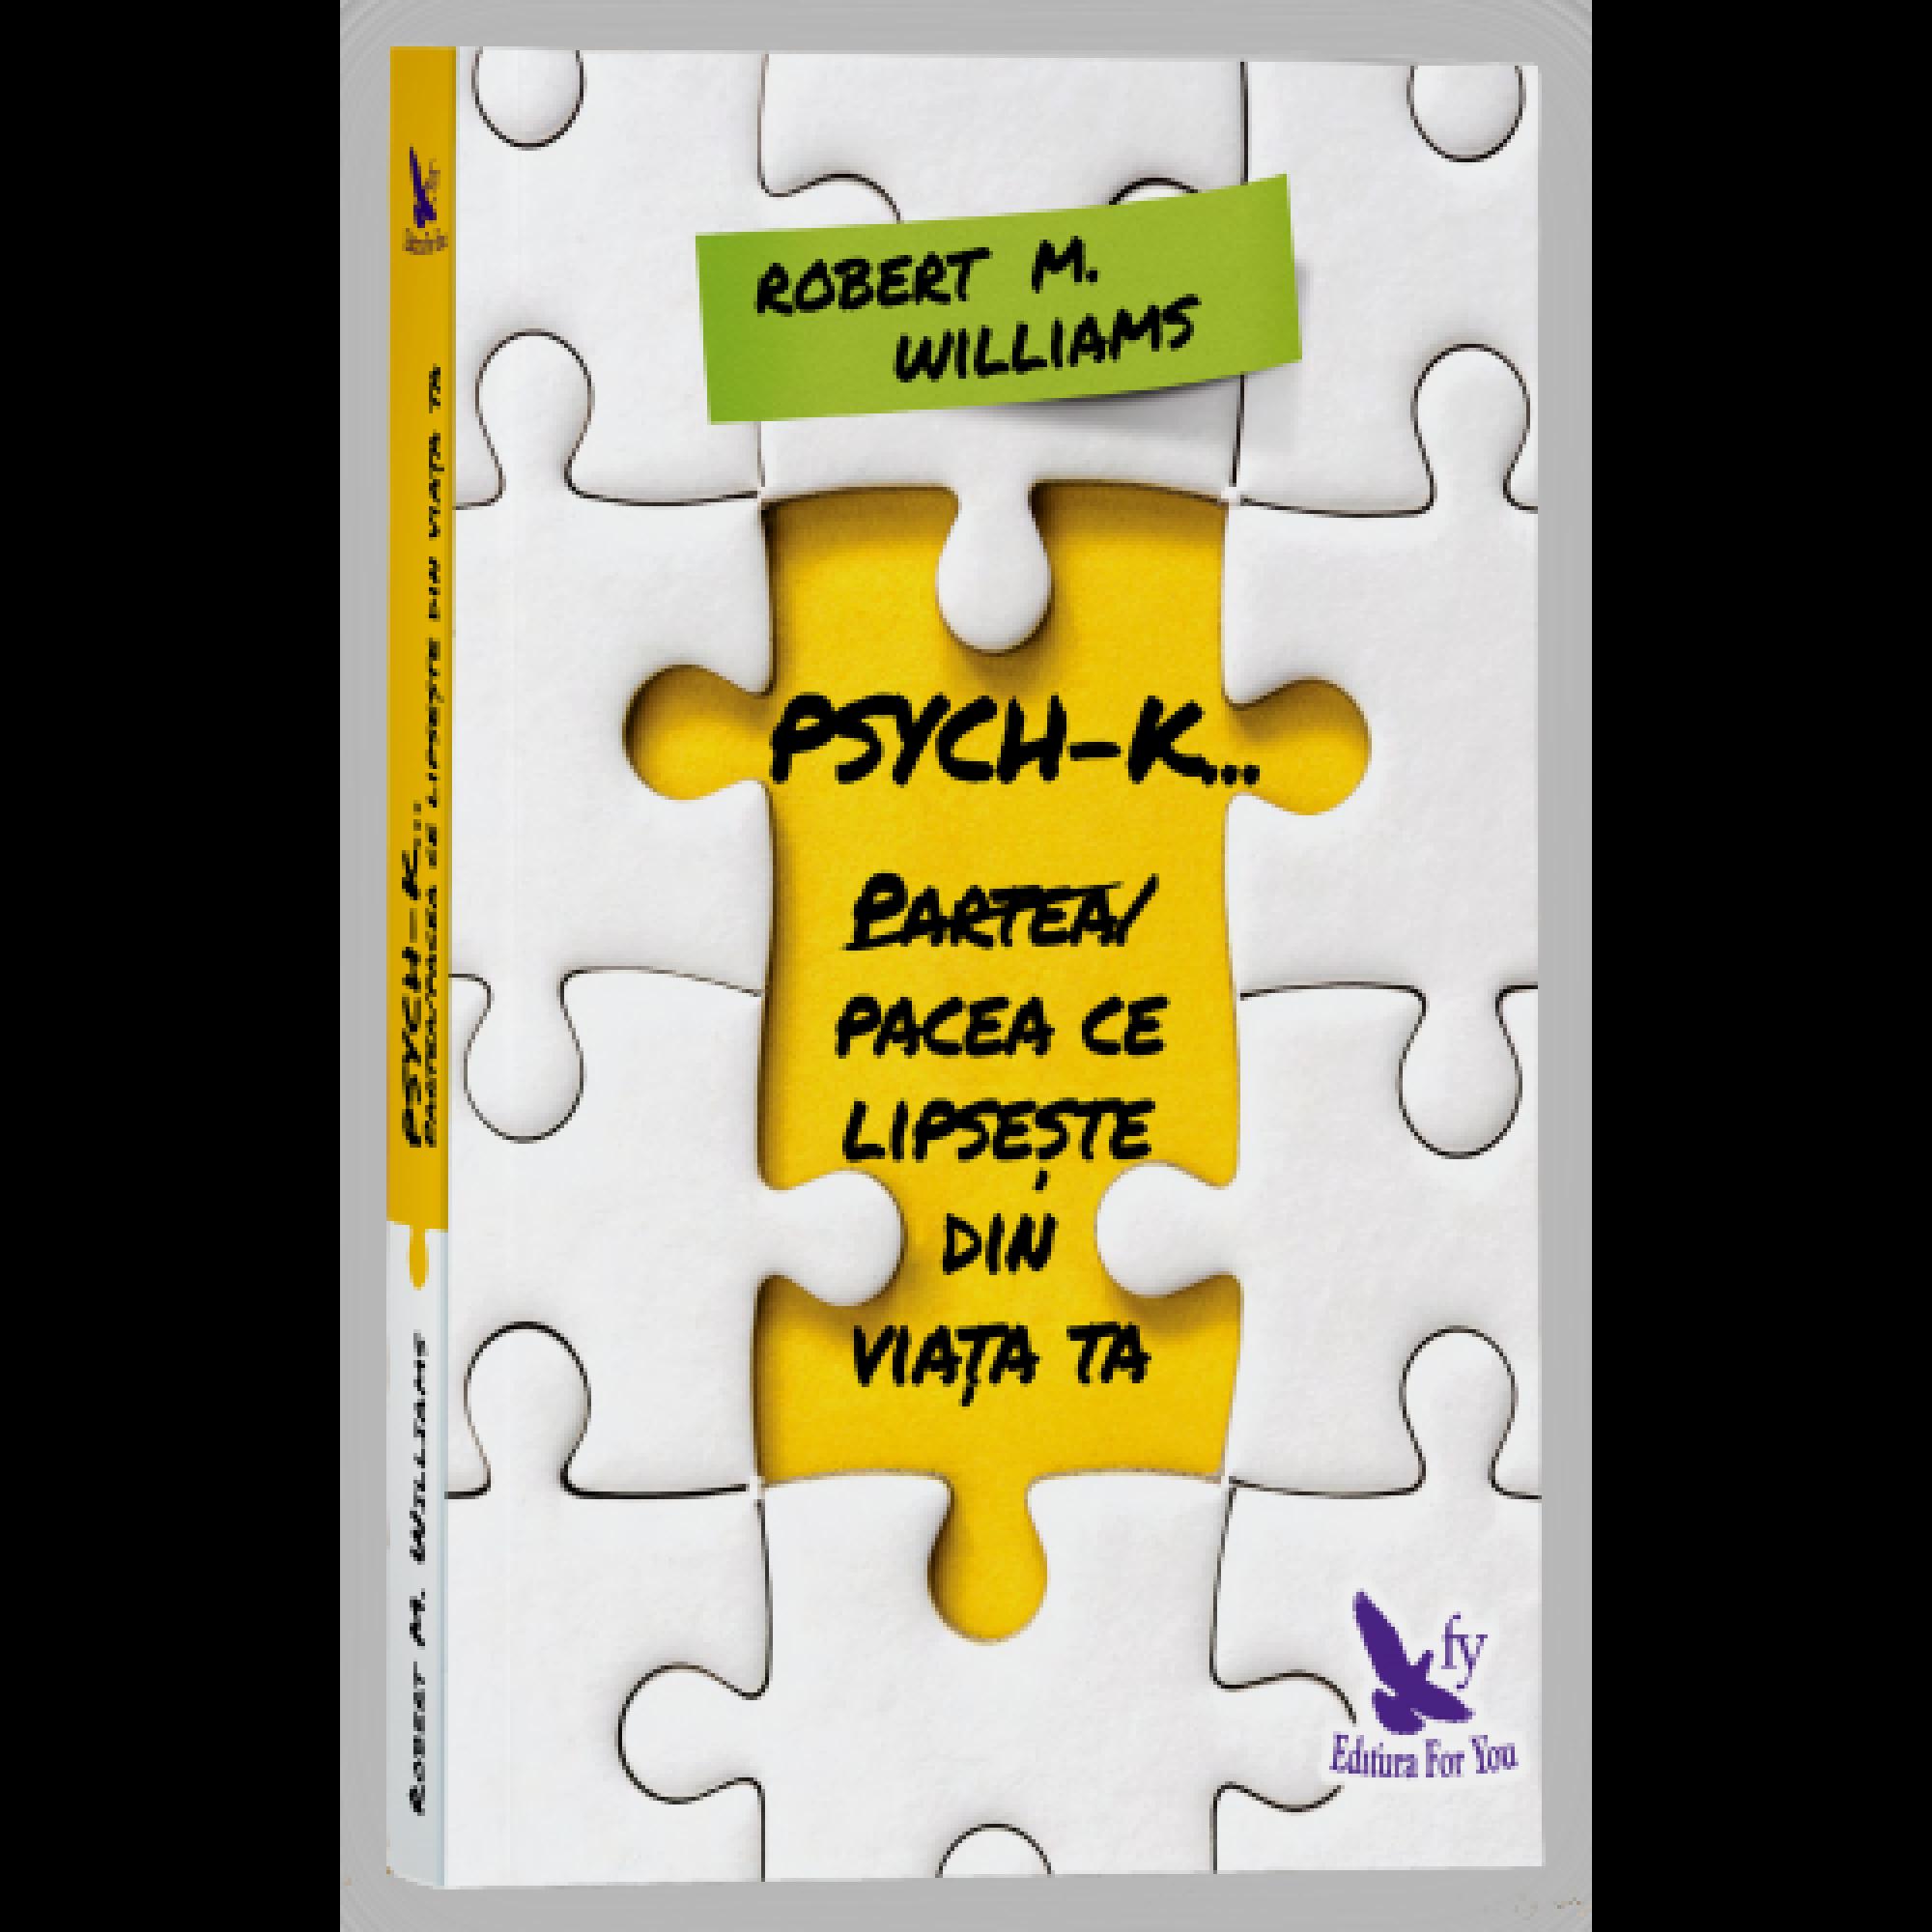 PSYCH-K. Partea/Pacea ce lipseşte din viaţa ta